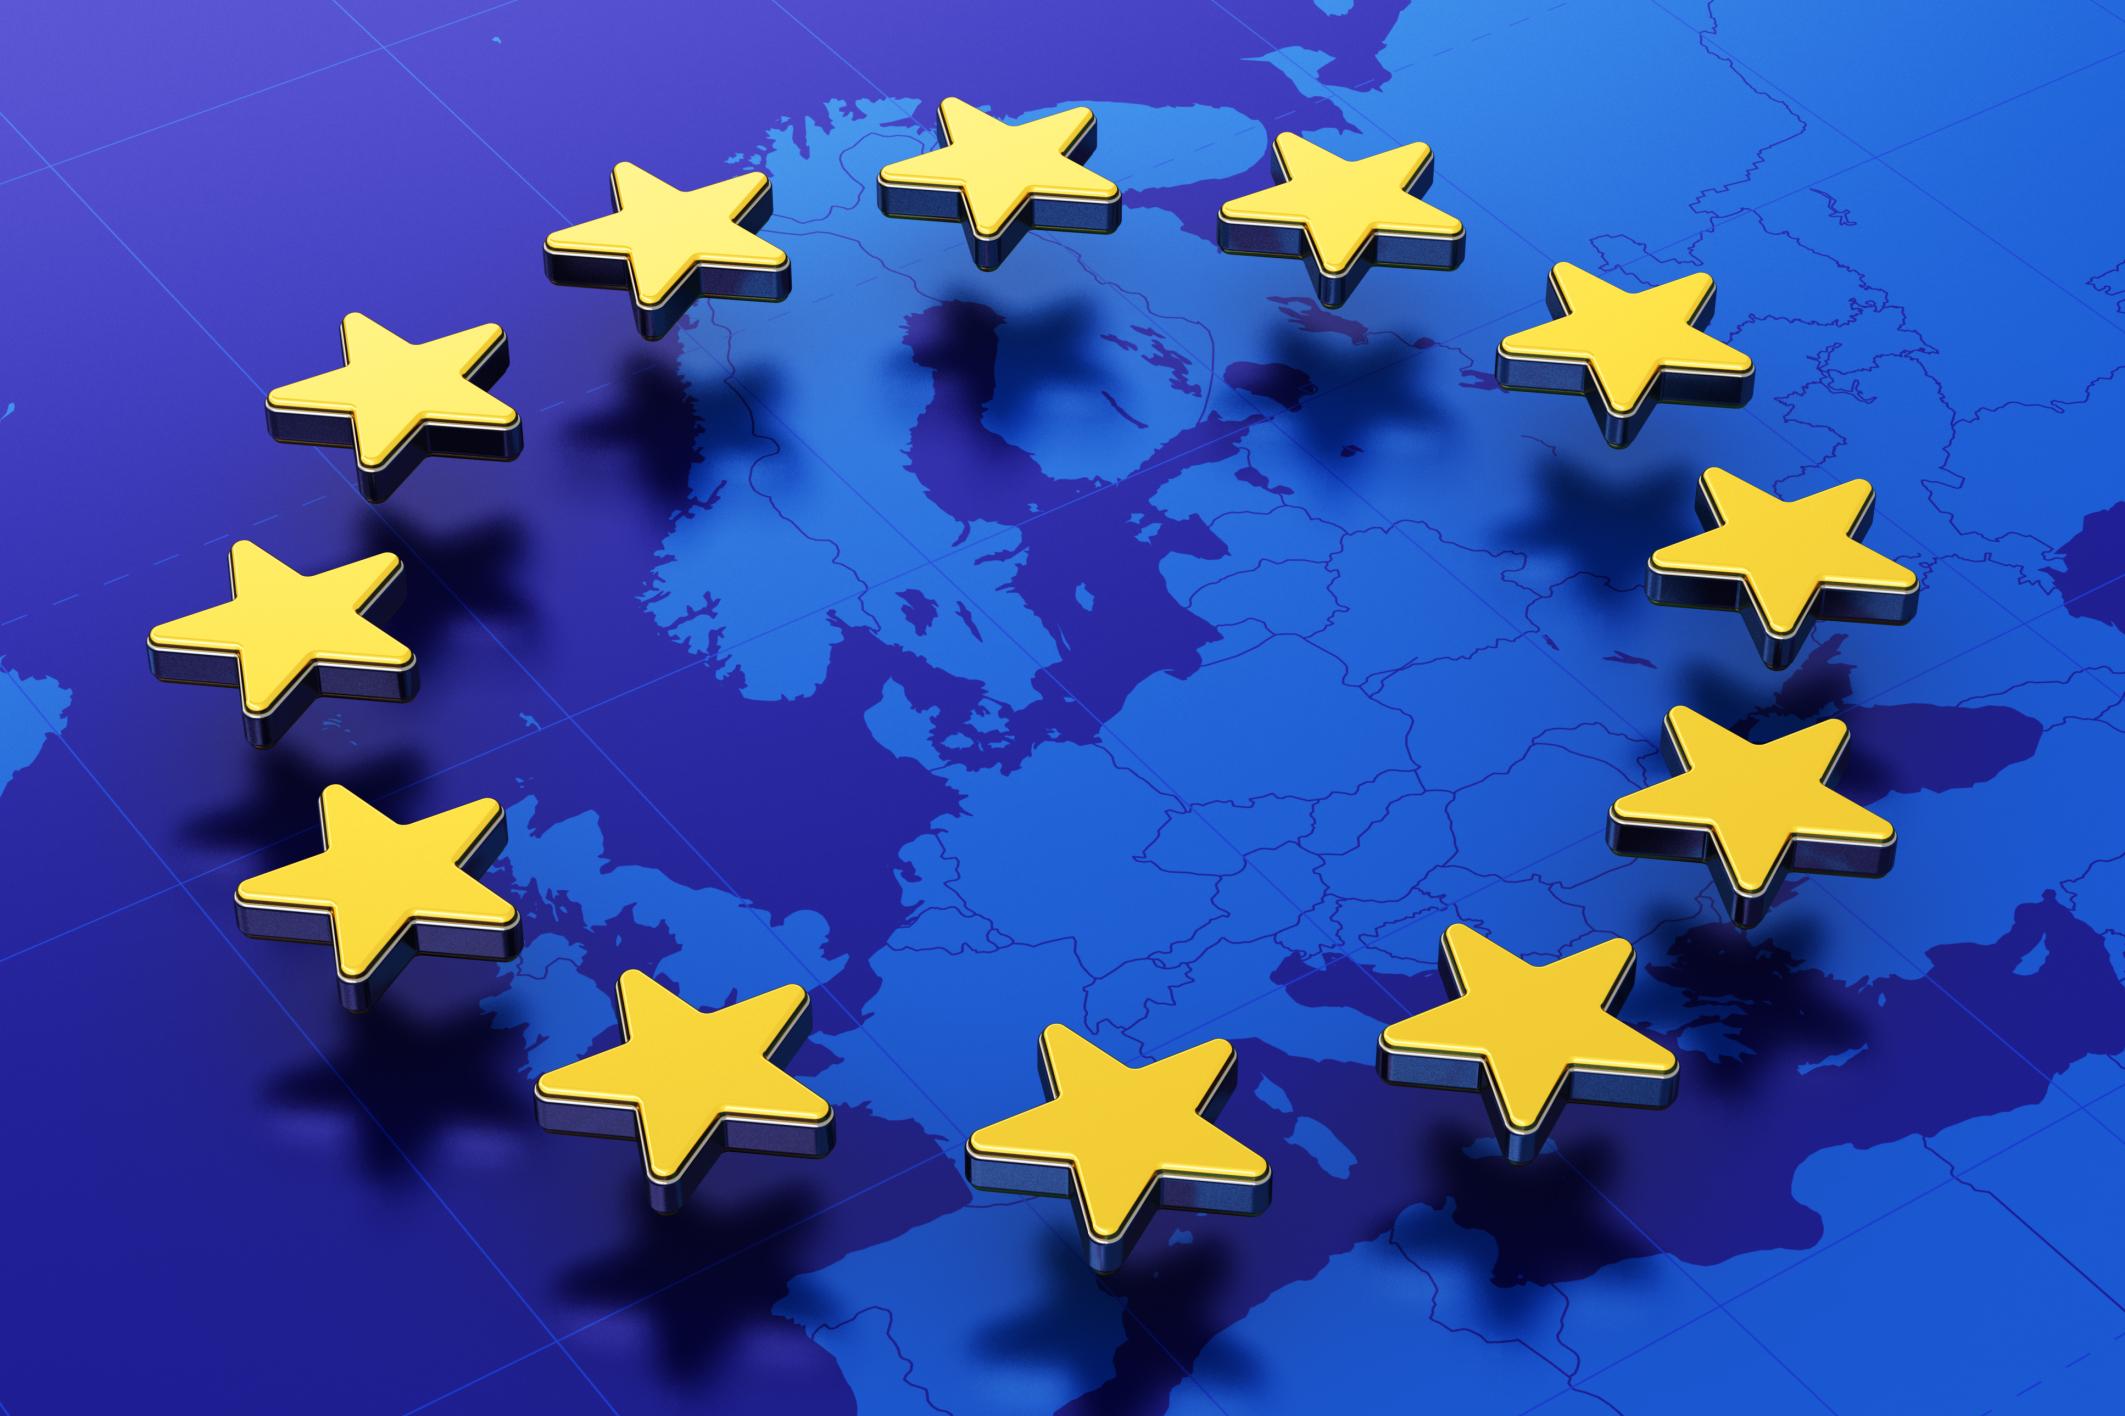 Desarrollo de las competencias STEAM entre colegios europeos